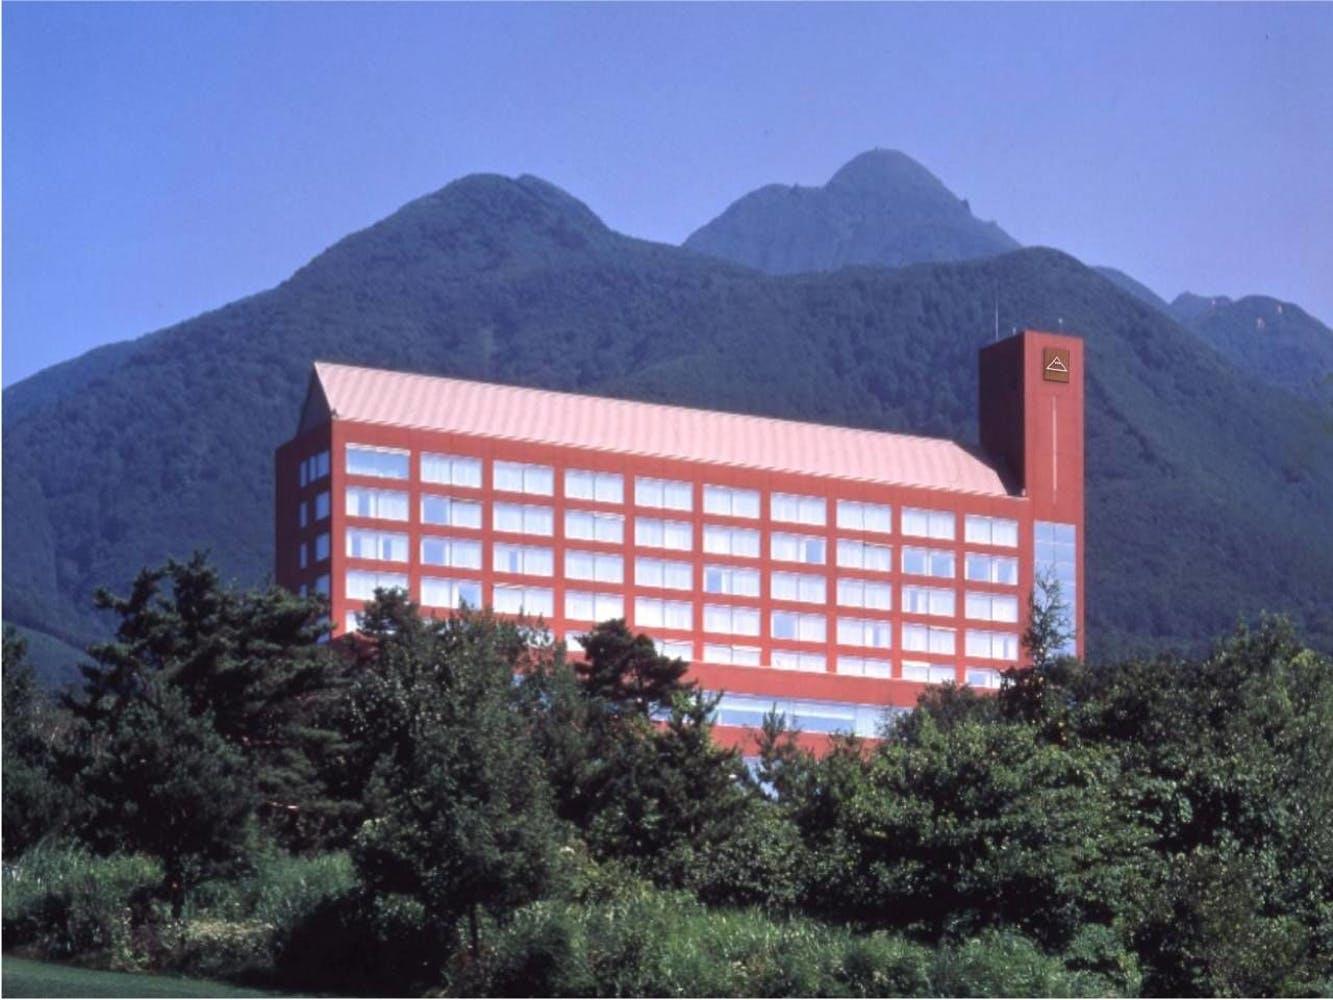 ロックウッド・ホテル&スパ [ 鯵ヶ沢高原温泉] 写真1